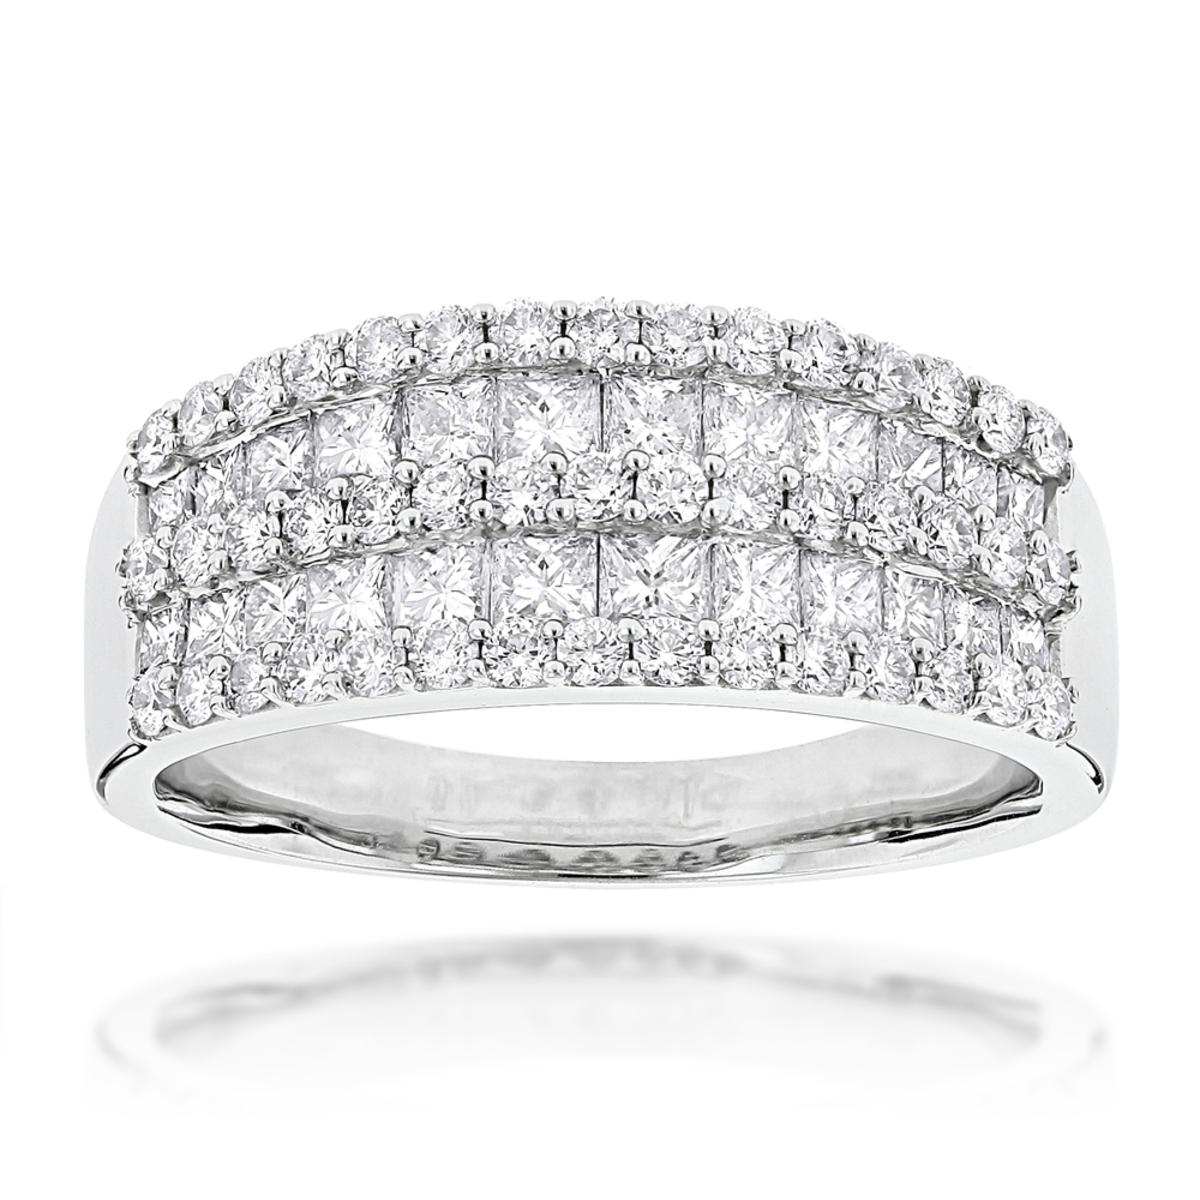 Round Princess Cut Diamond Ring 1.87ct 14K